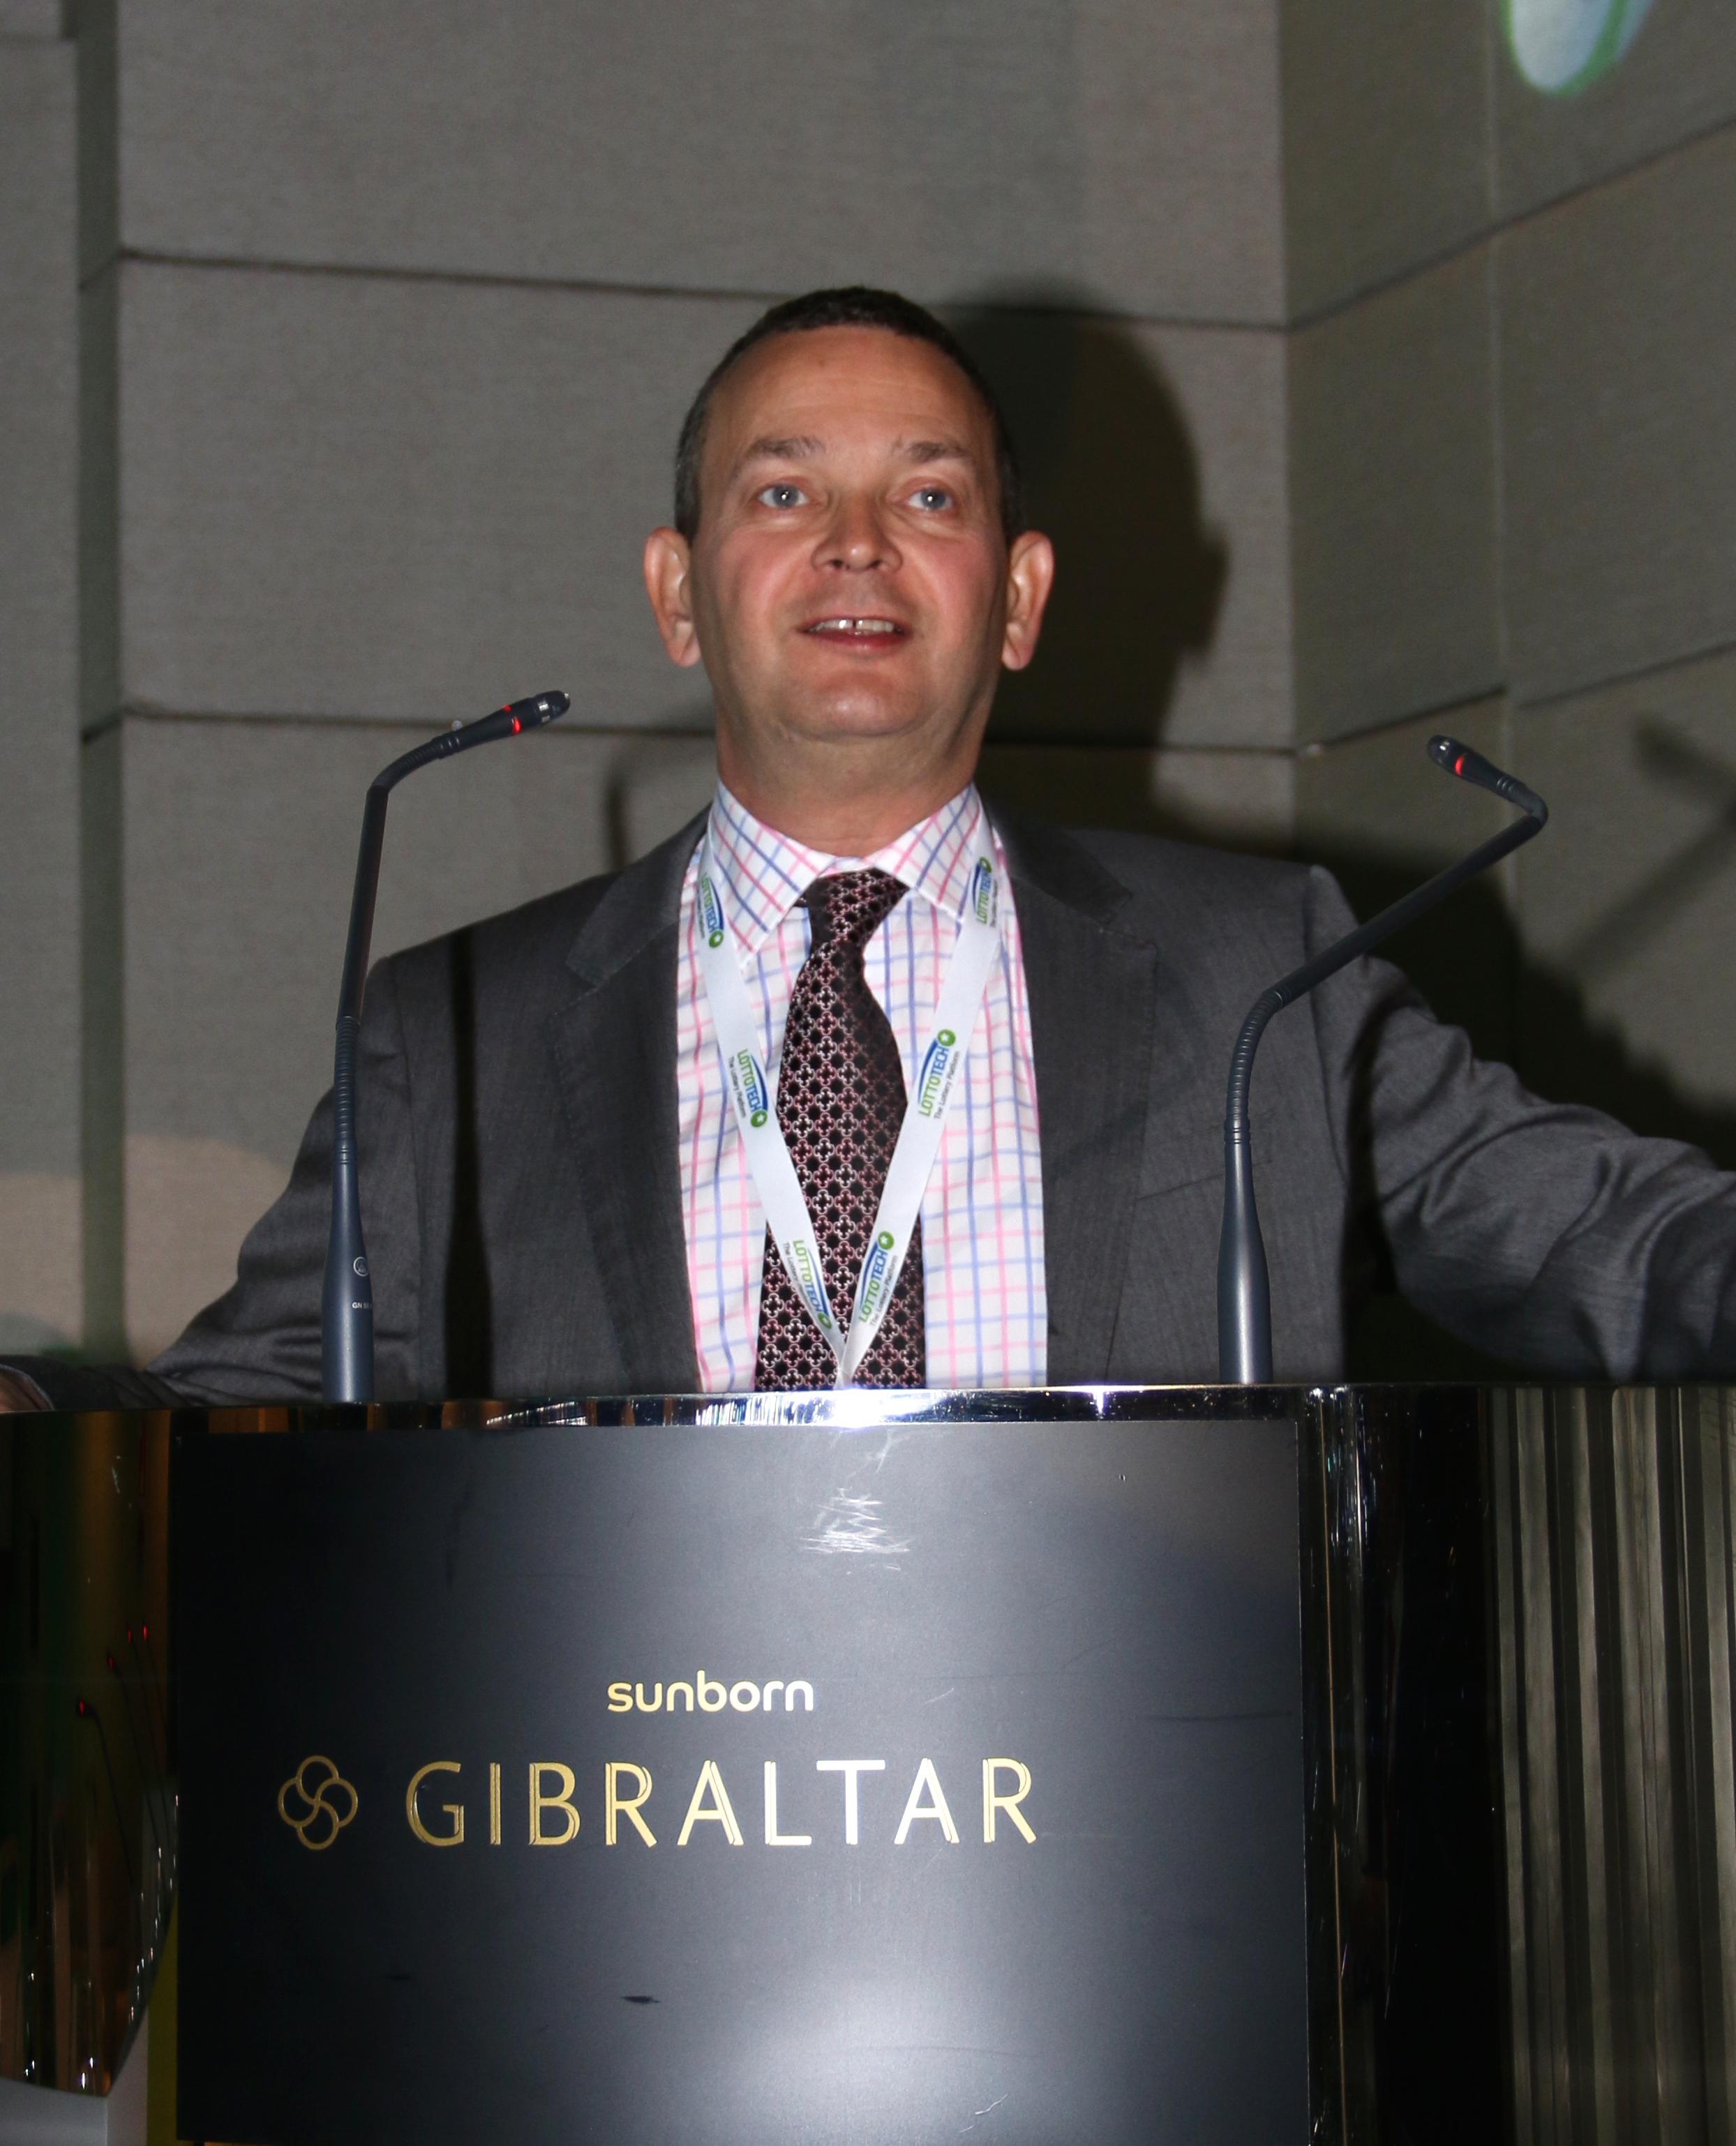 Stuart - Speaker - Stuart Ballan - GLMF2015 - Clip